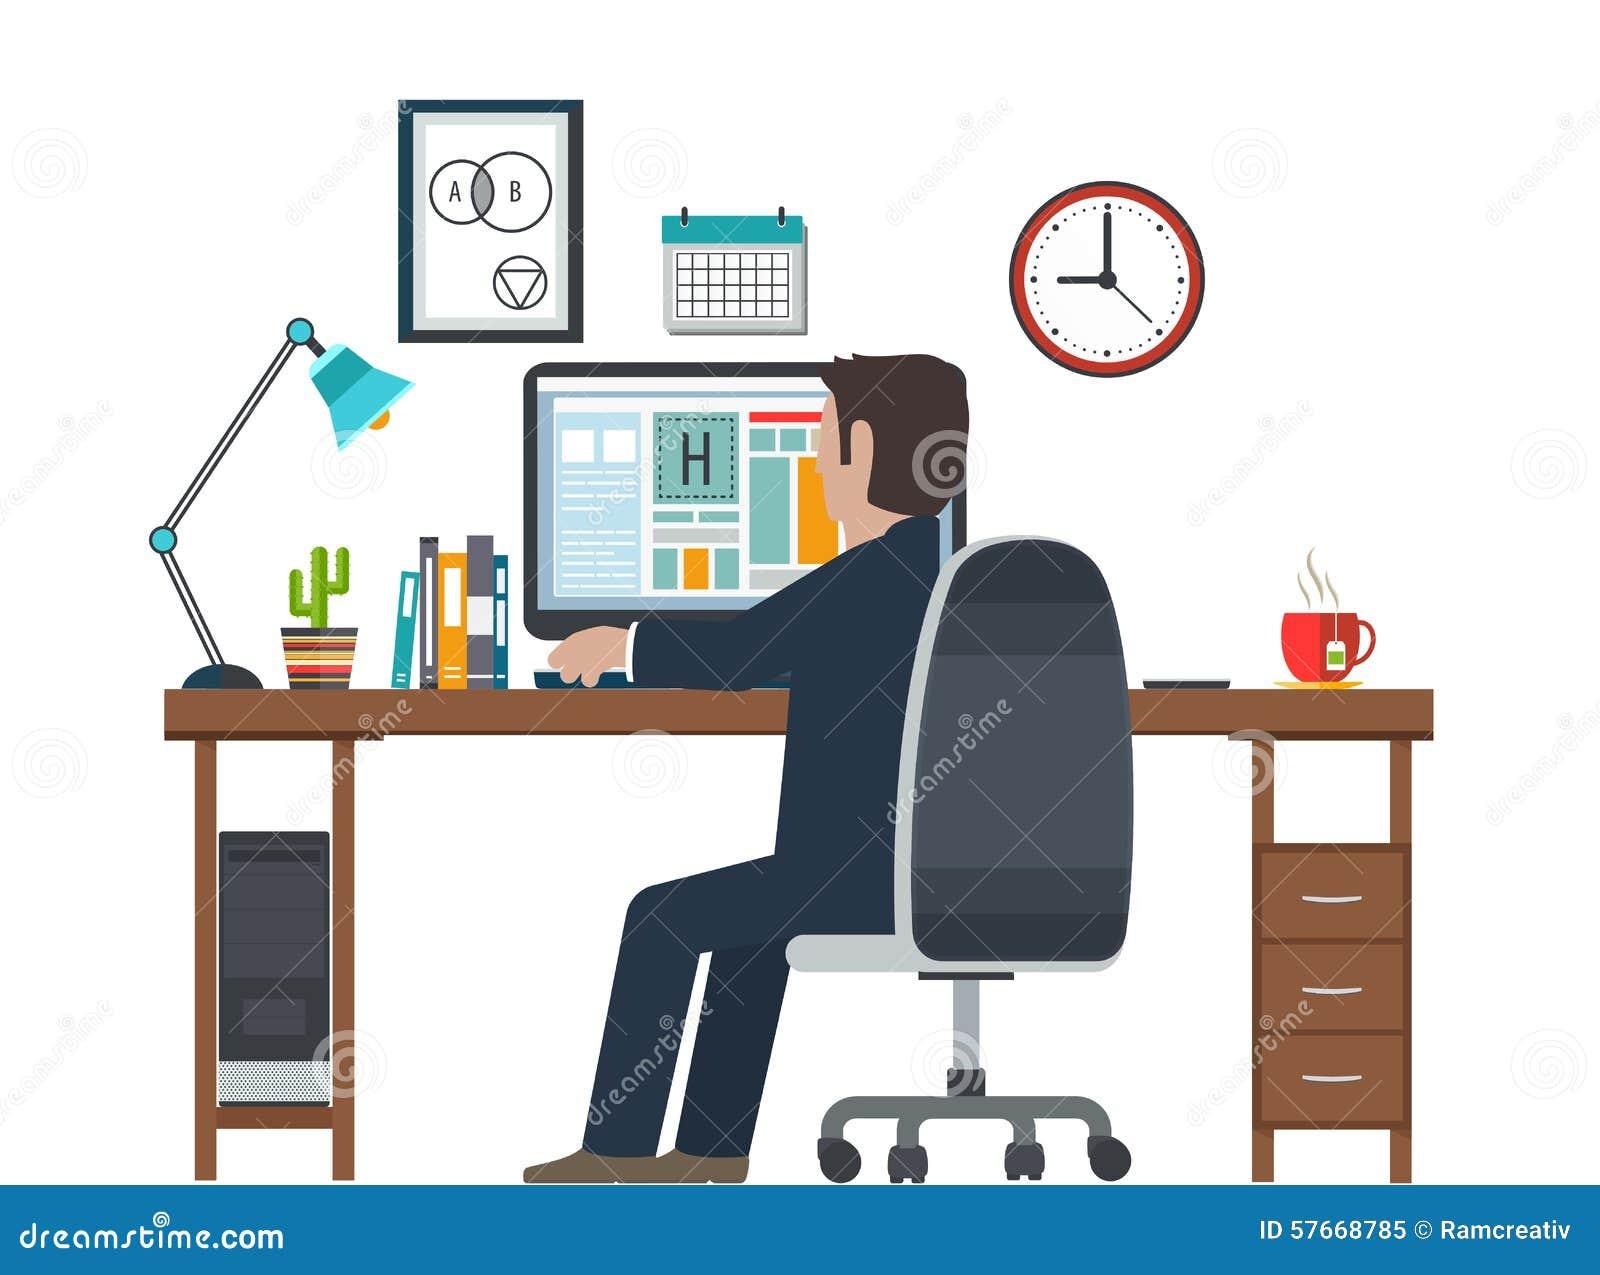 Dise ador en el lugar de trabajo puesto de trabajo equipo for Escritorio puesto de trabajo